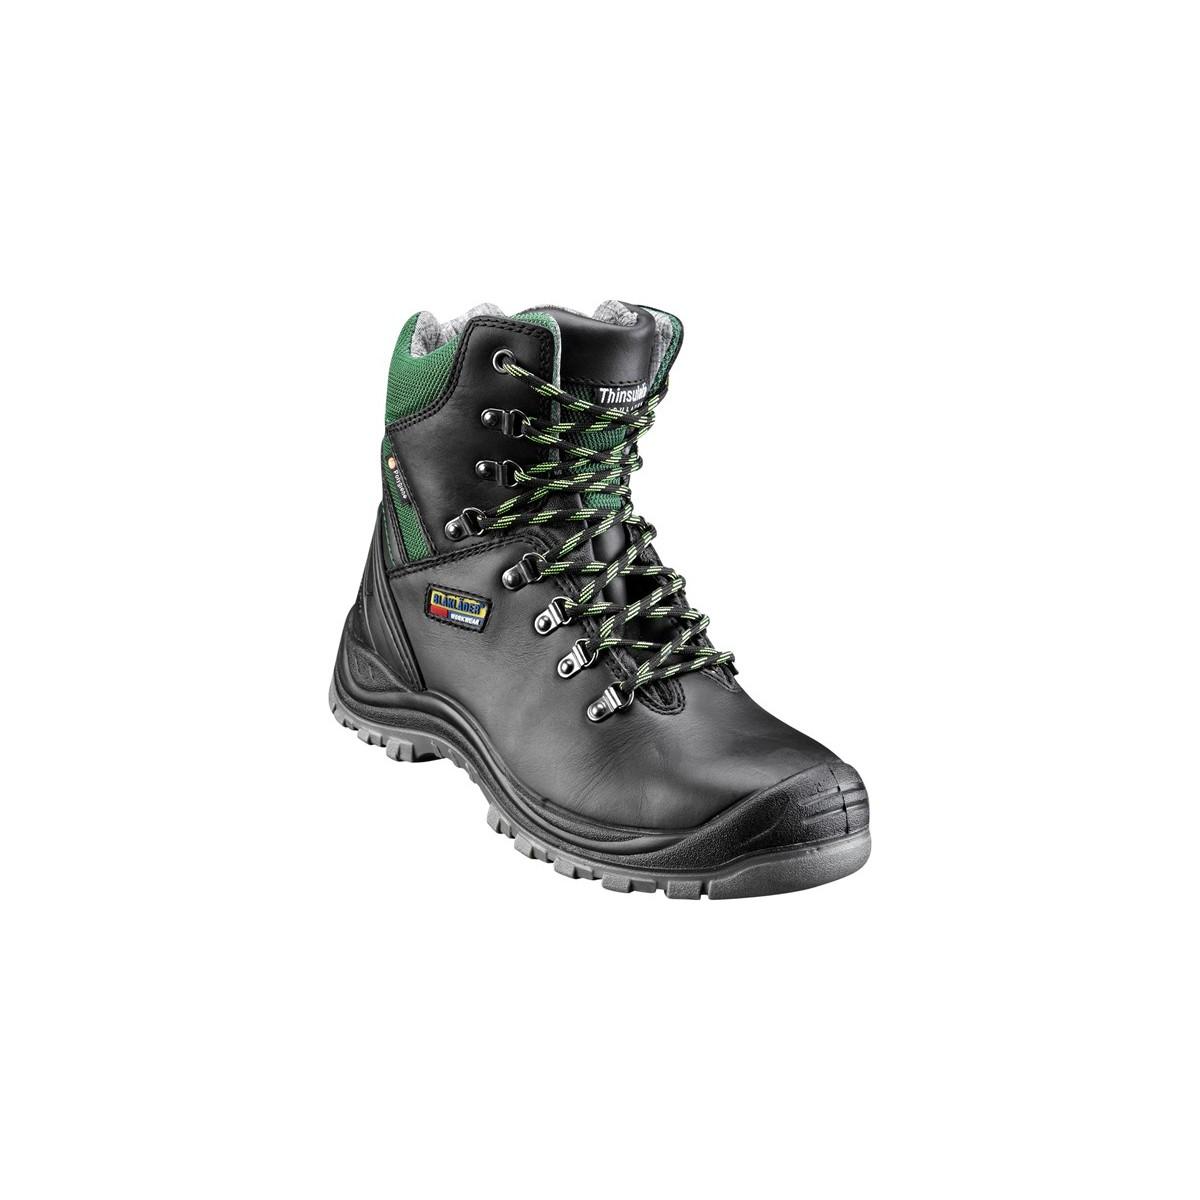 chaussure de securite pour hiver chaussure de securite alpine garsport chaussure de securite alpine. Black Bedroom Furniture Sets. Home Design Ideas